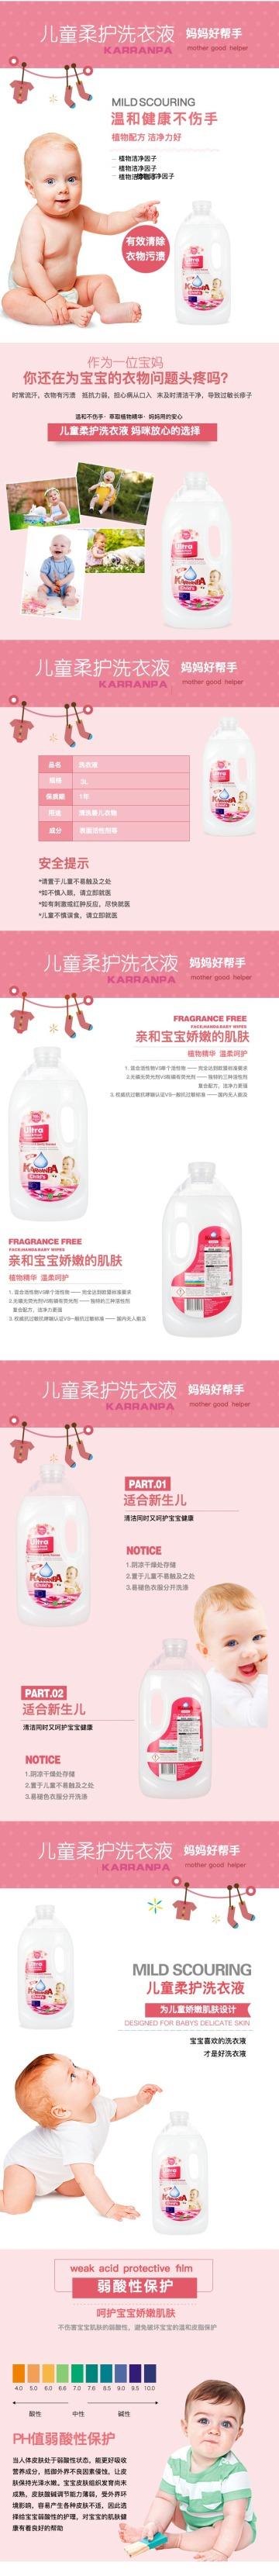 自然清新儿童柔护洗衣液电商详情图